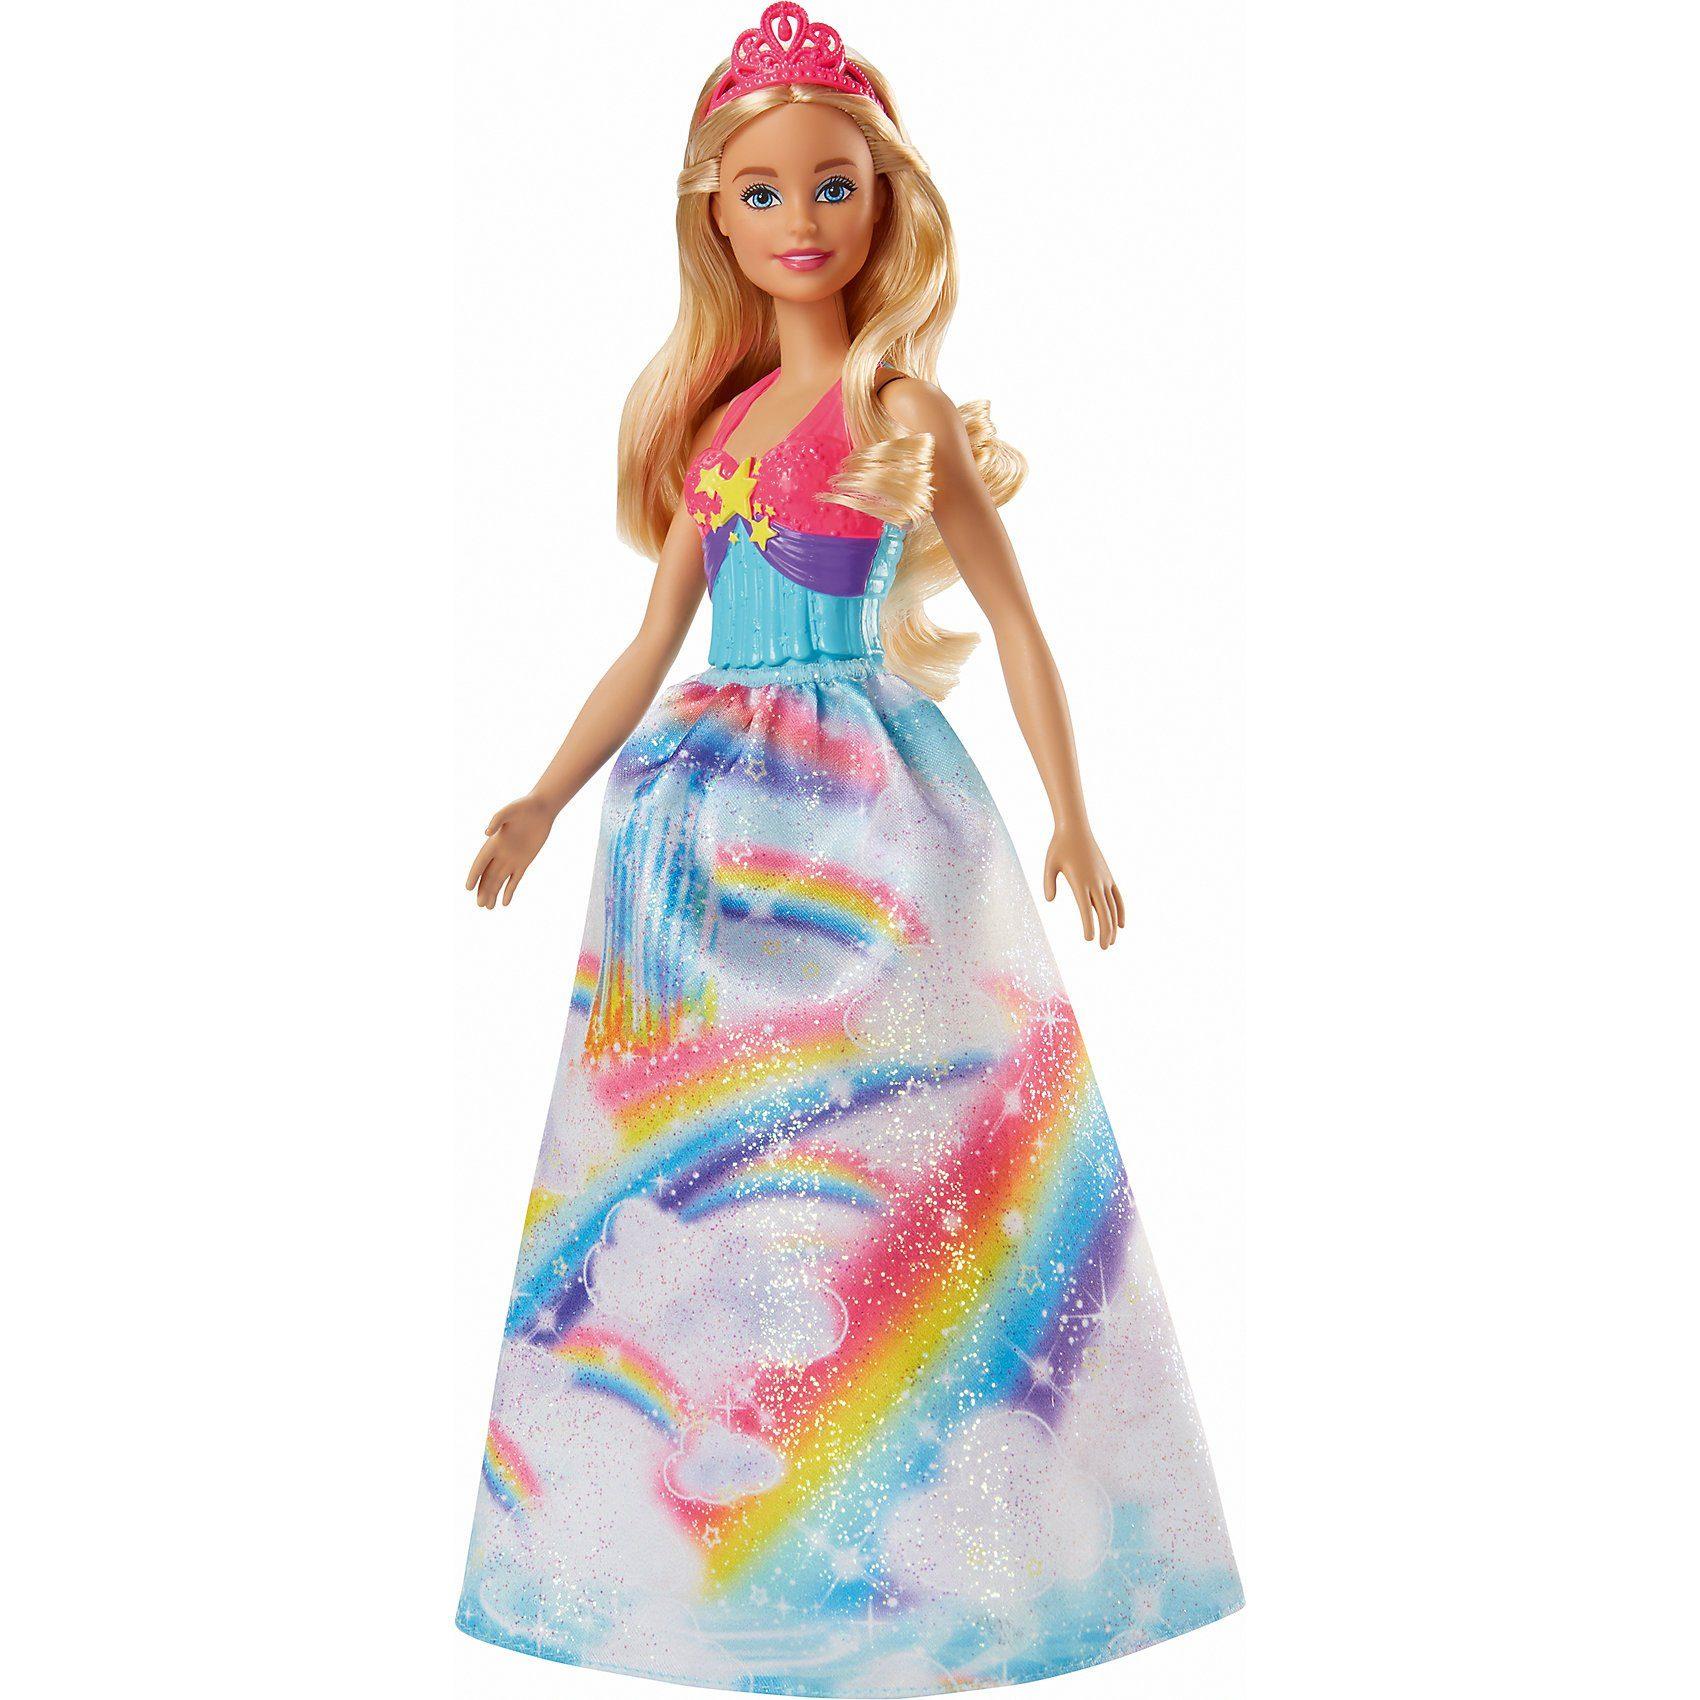 Mattel® Barbie Dreamtopia Prinzessin: Regenbogen-Prinzessin (blond)